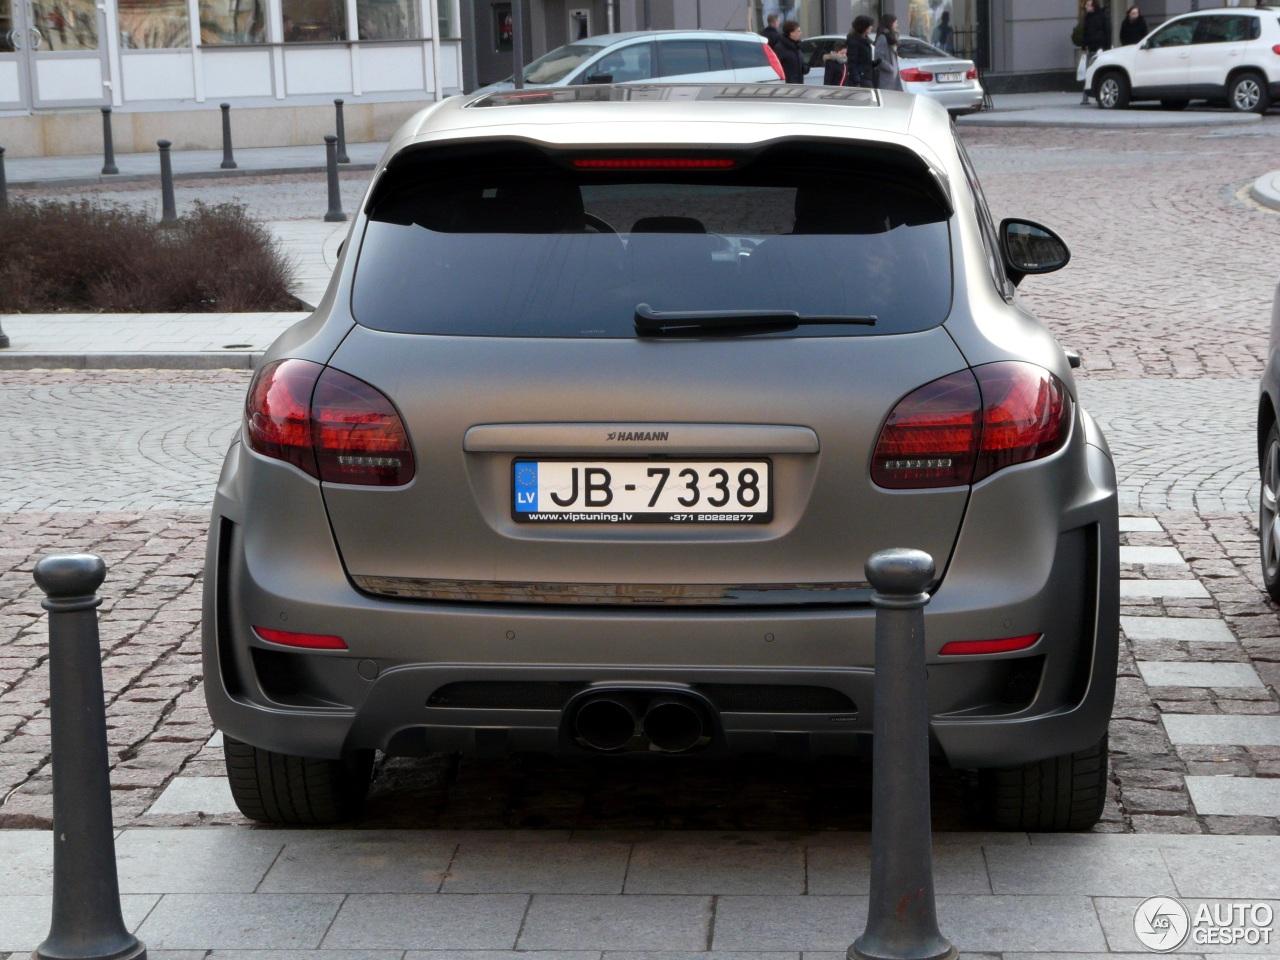 Porsche Cayenne Hamann Guardian 25 April 2016 Autogespot